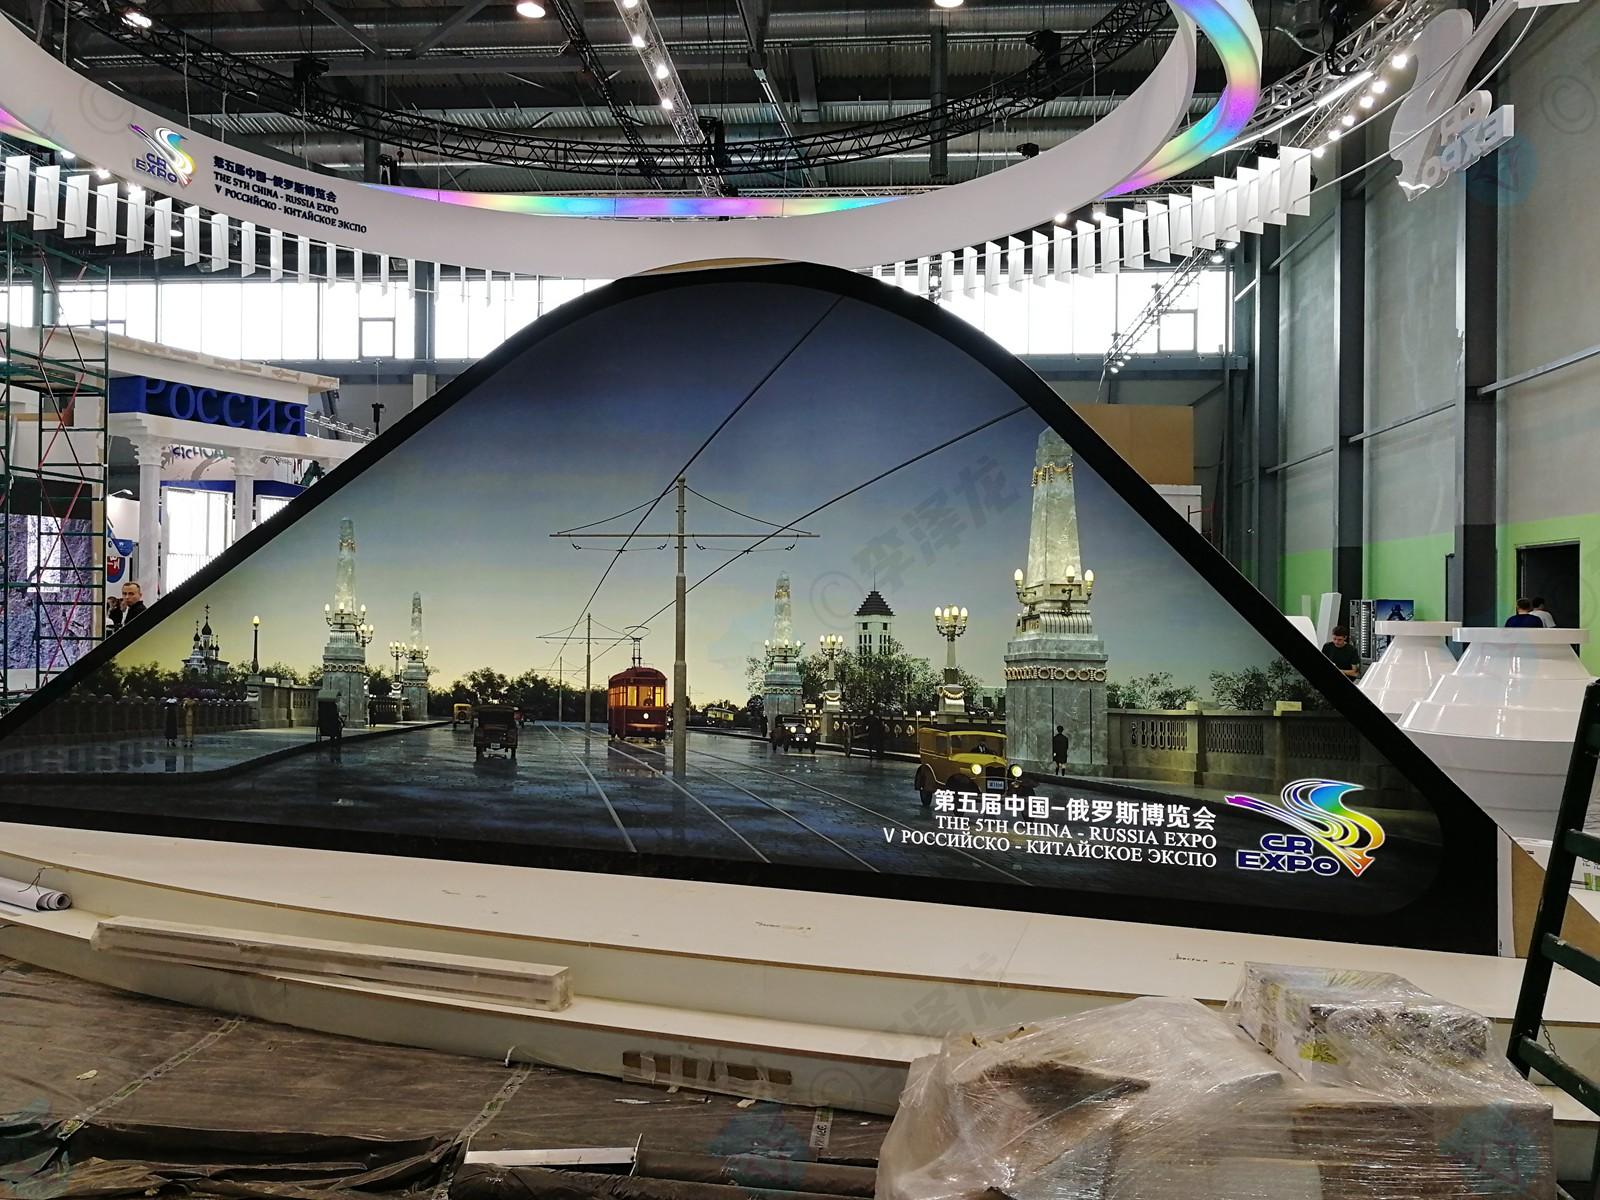 参加俄罗斯工业博览会(俄罗斯创新工业展)是什么体验?插图13-小狮座俄罗斯留学